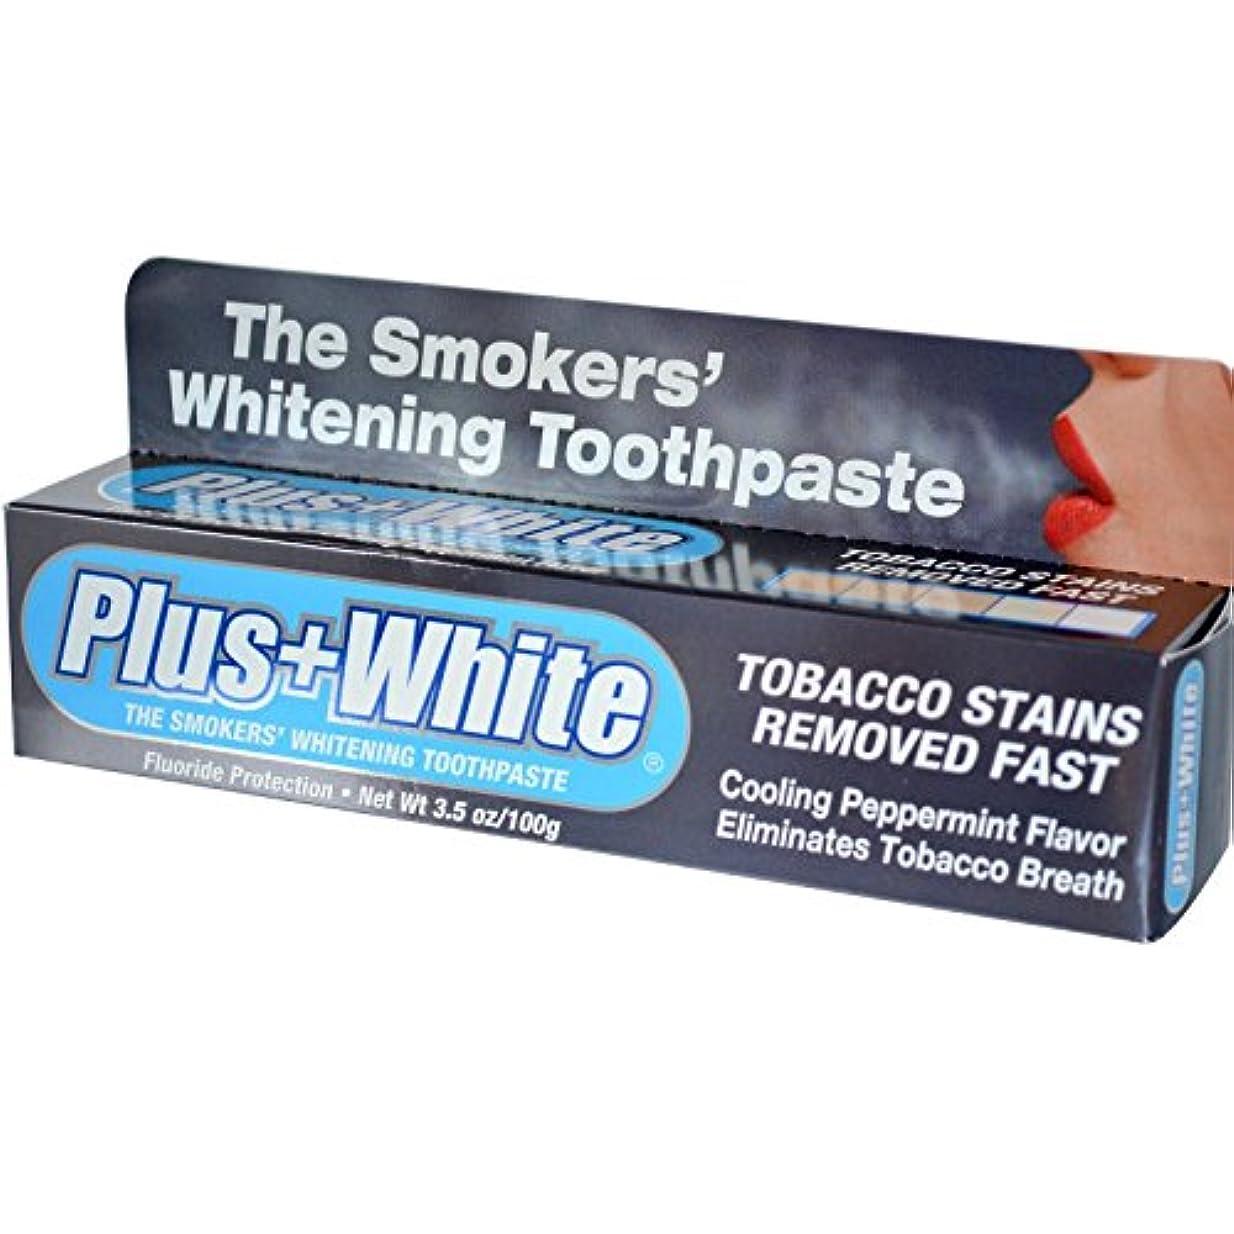 脇に検出可能苦行Plus White, The Smokers' Whitening Toothpaste, Cooling Peppermint Flavor, 3.5 oz (100 g)